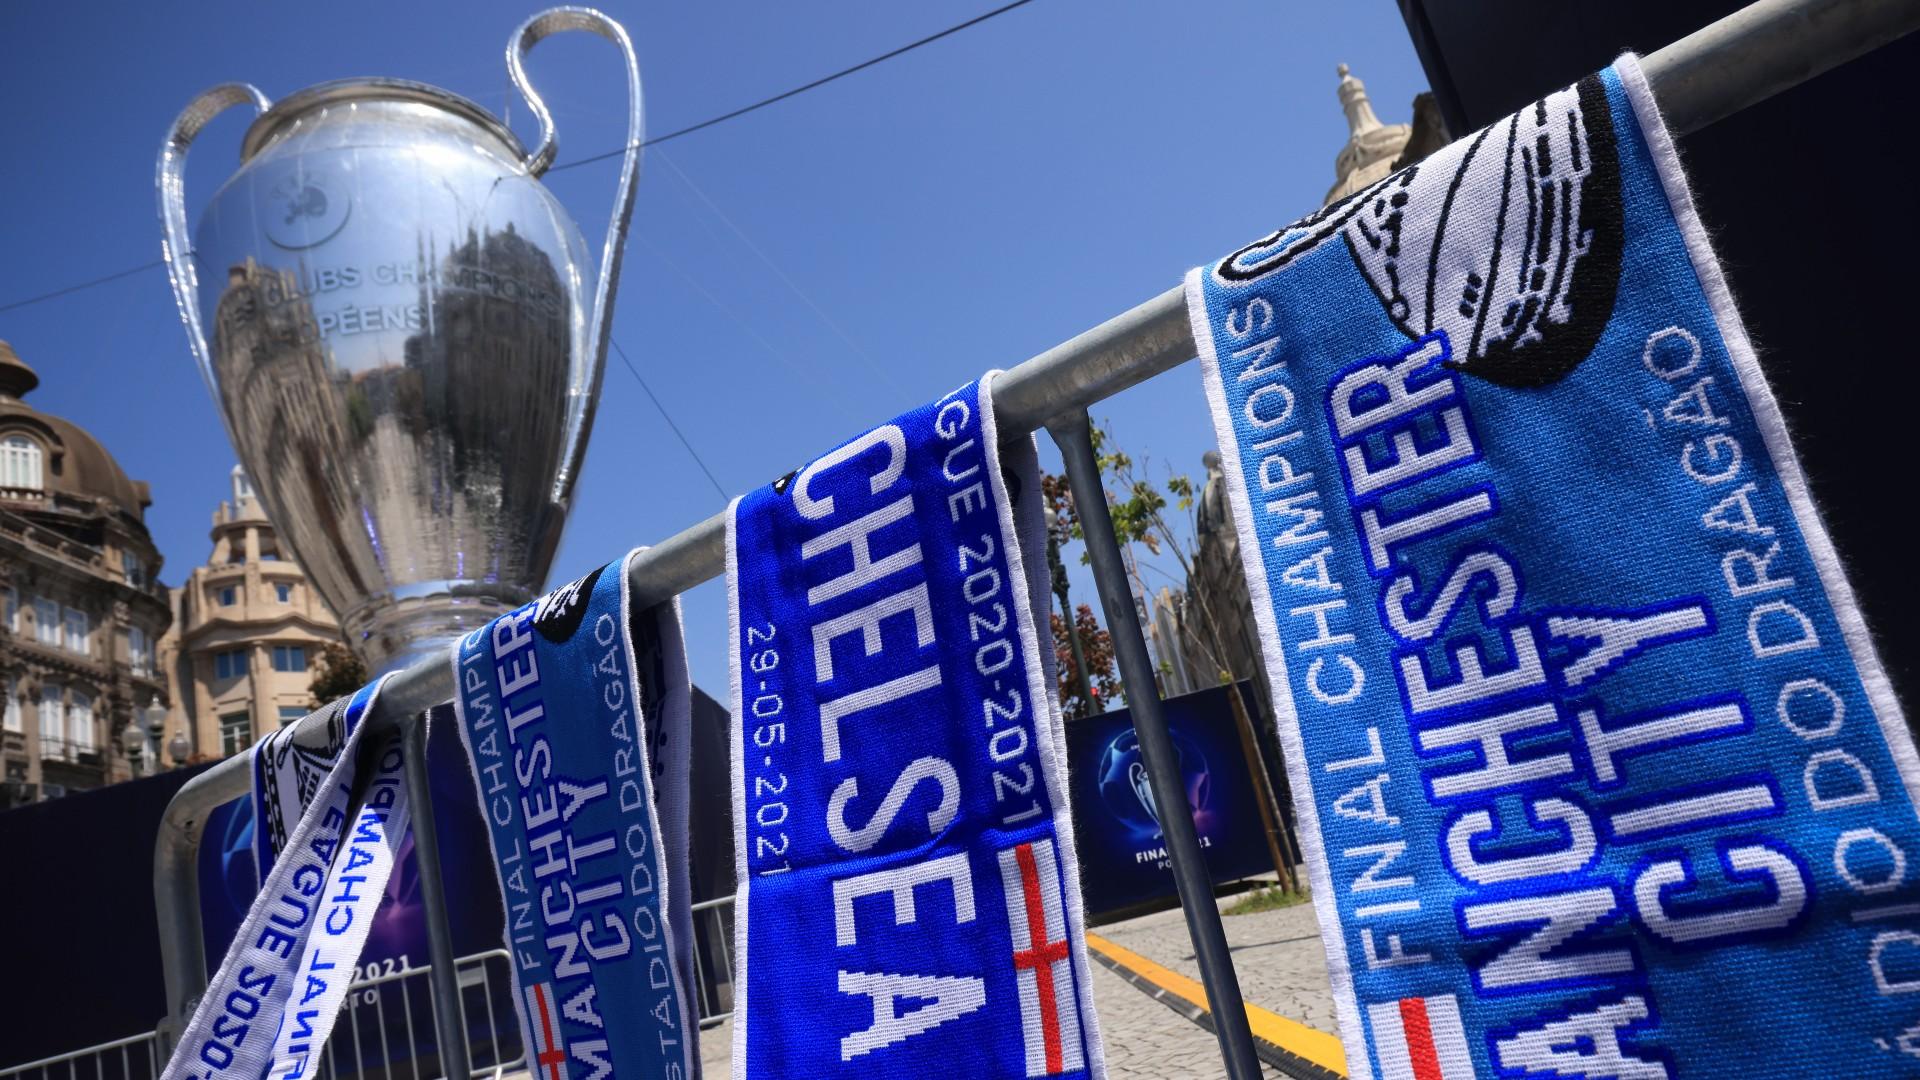 Grande final da Liga dos Campeões coloca frente a frente duas novas potências do